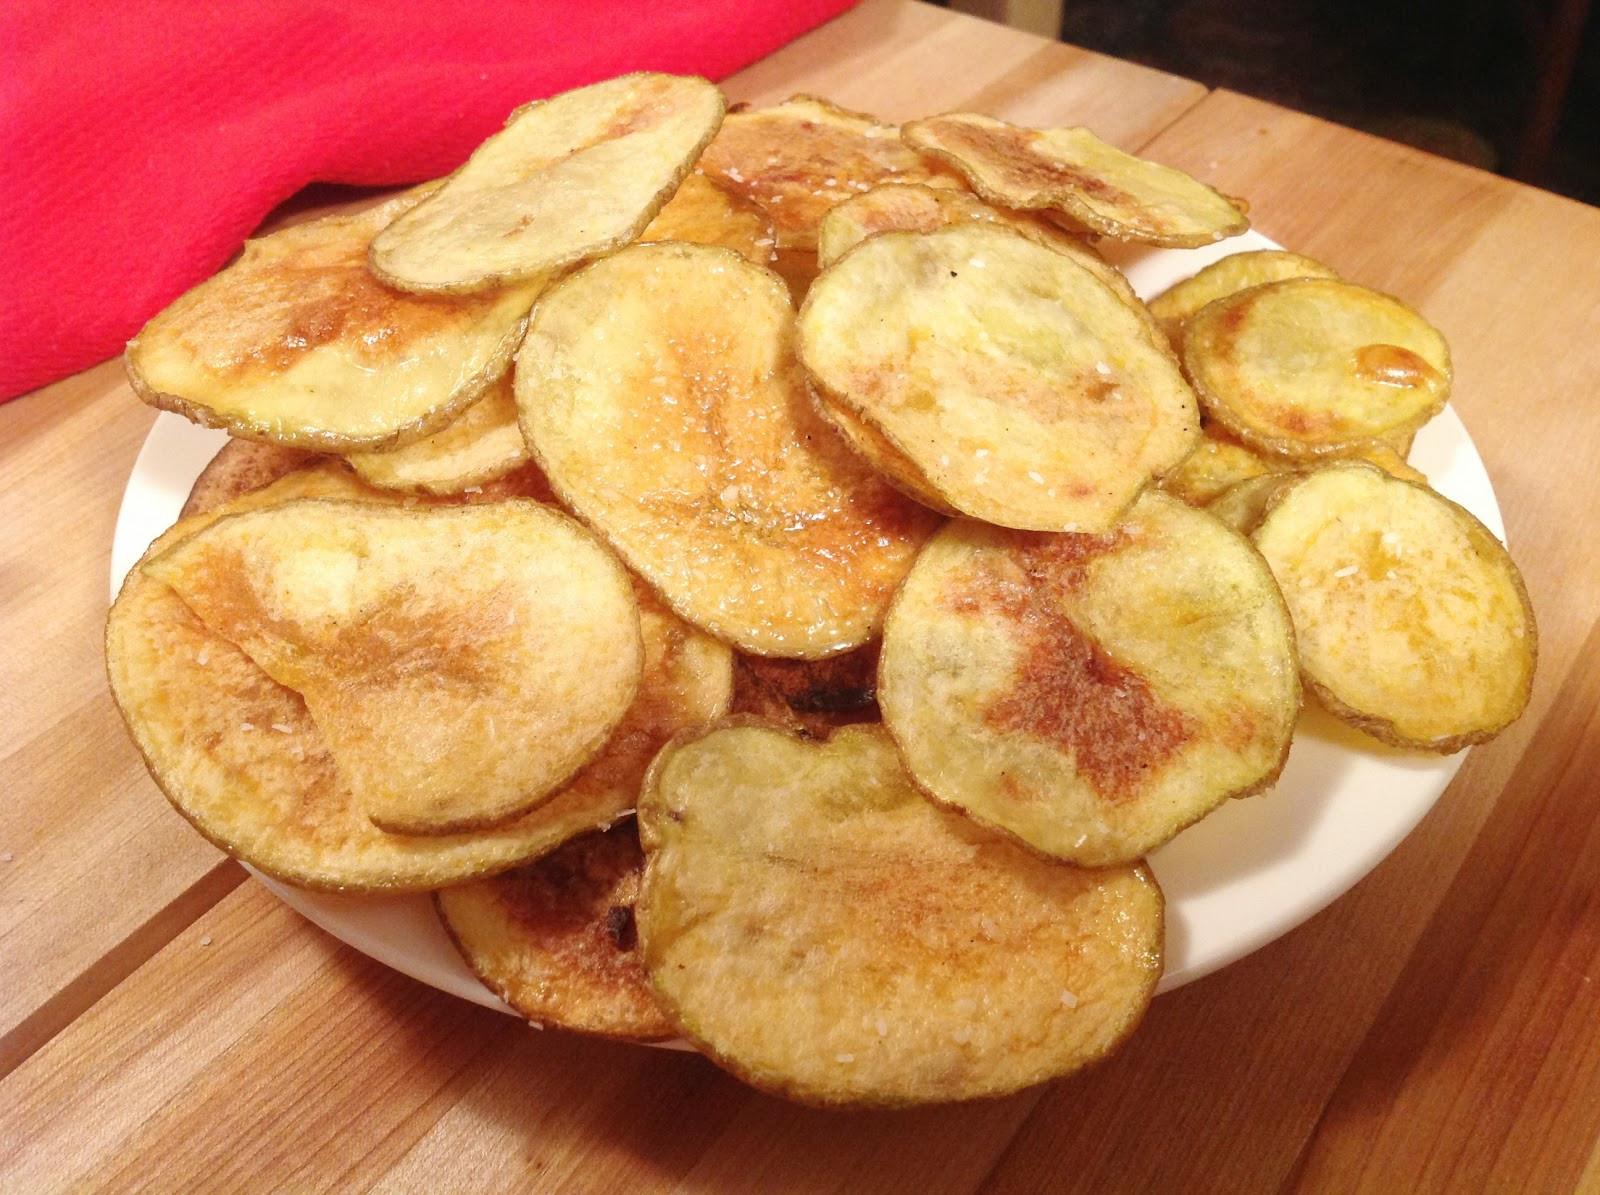 Homemade Potato Chips  Homemade Baked Potato Chips